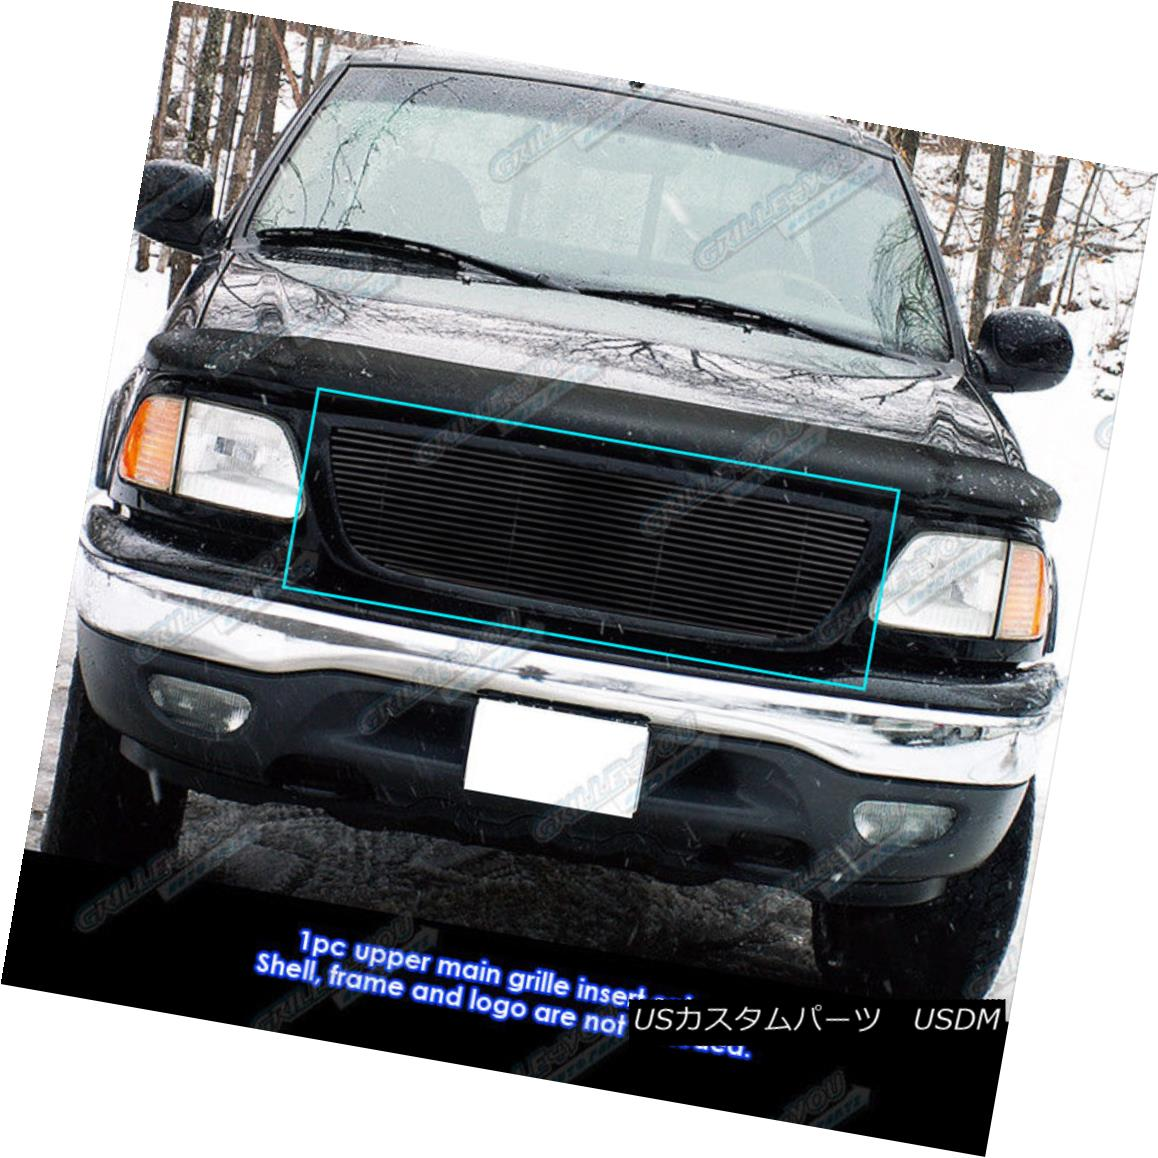 グリル Fits 99-03 Ford F-150/Lightning/Harley Black Main Upper Billet Grille フィット99-03 Ford F-150 / Lightnin g / Harley Blackメインアッパービレットグリル